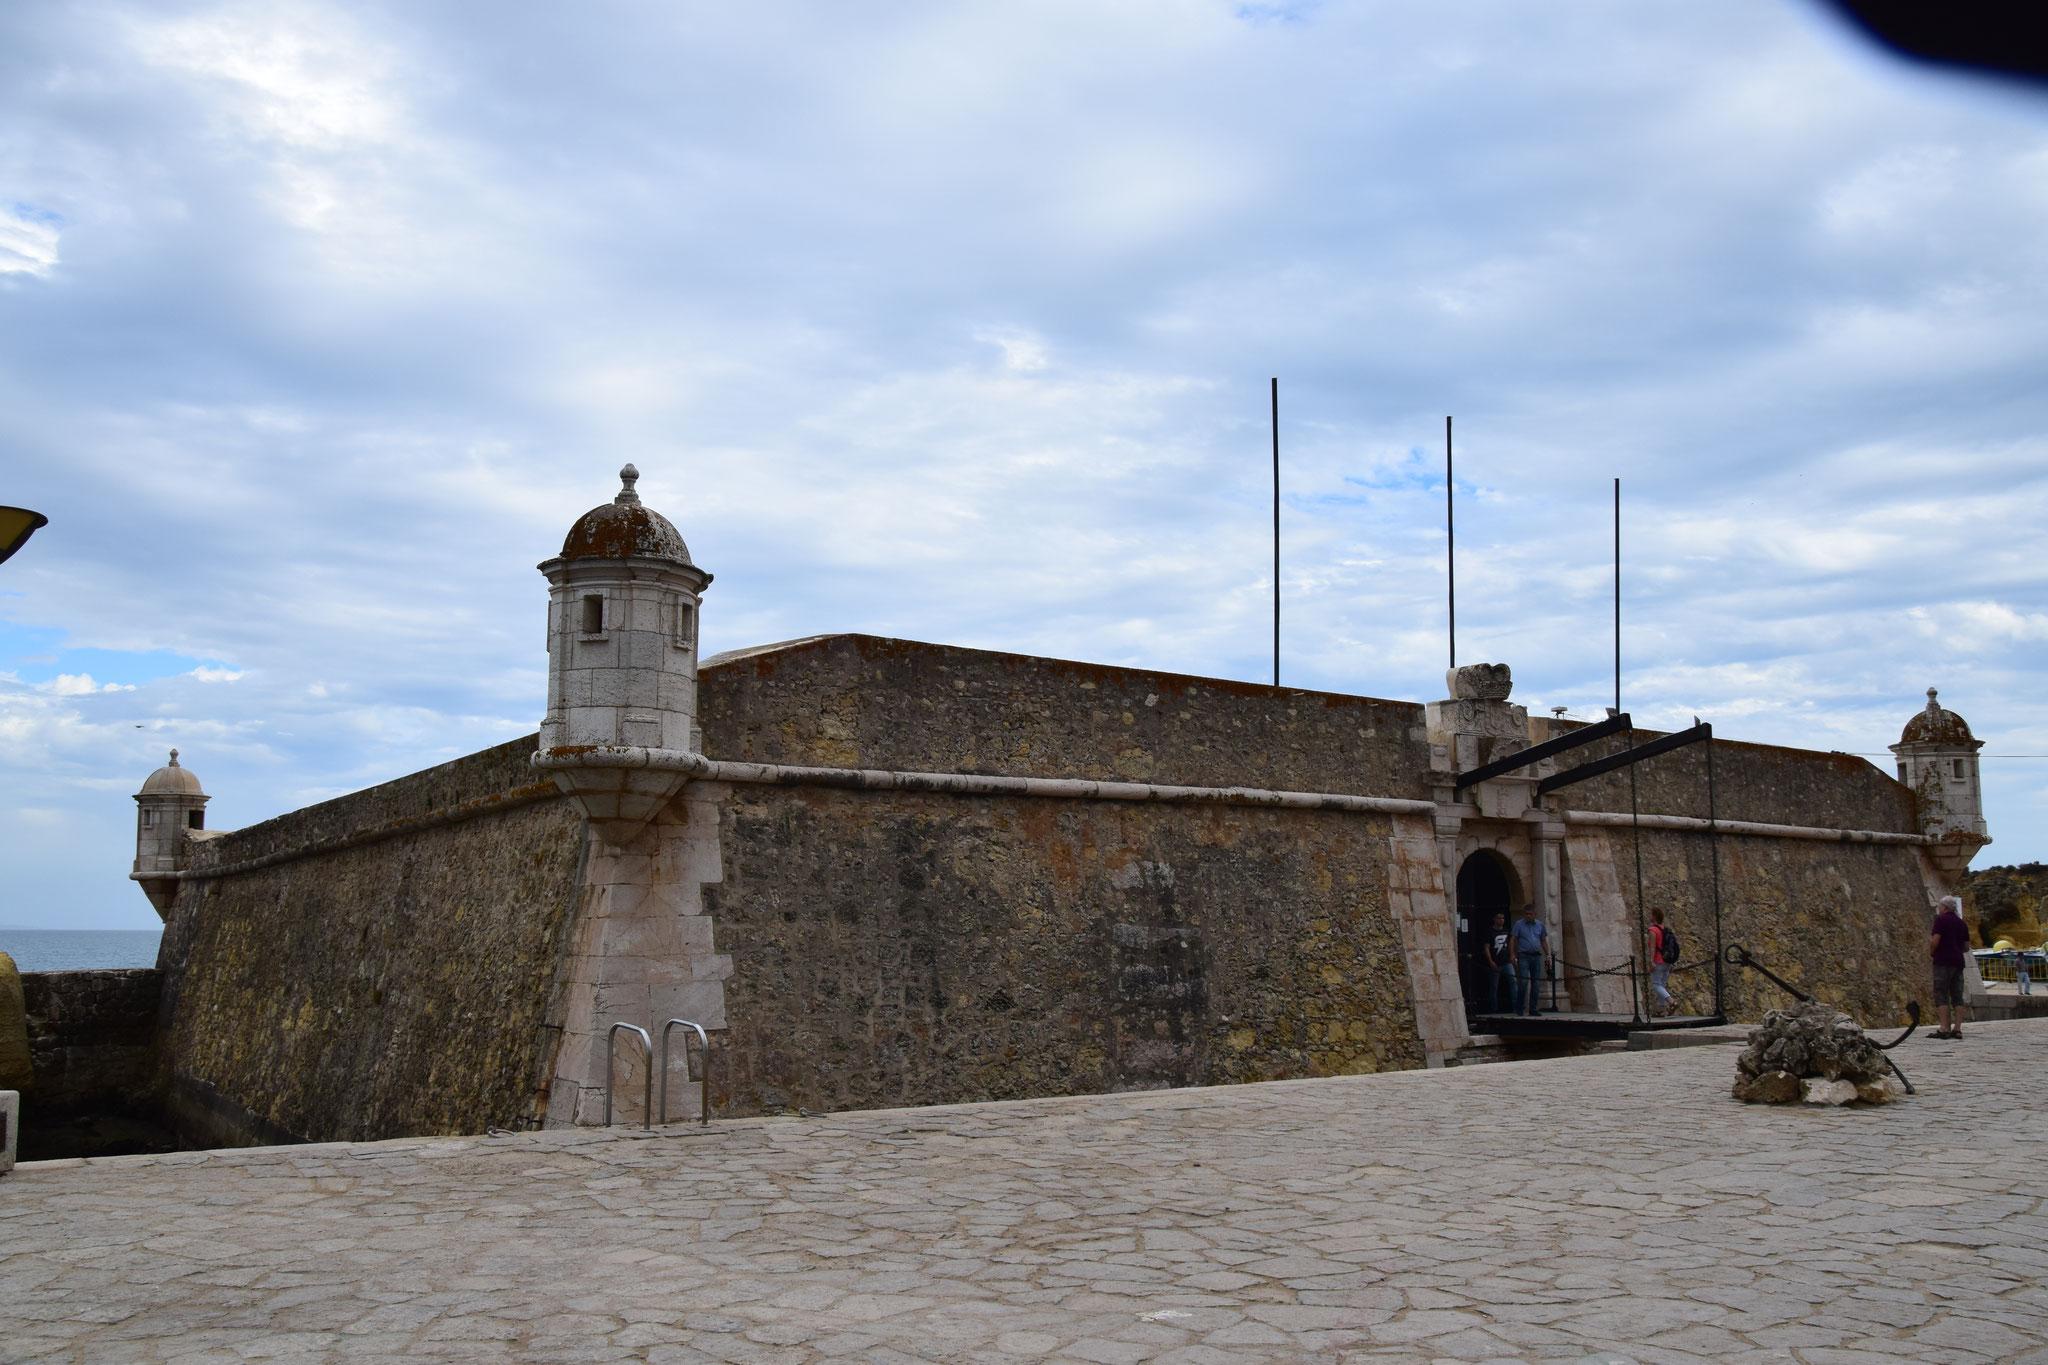 Fort Ponta de Bandeira zur Verteidigung des Hafens